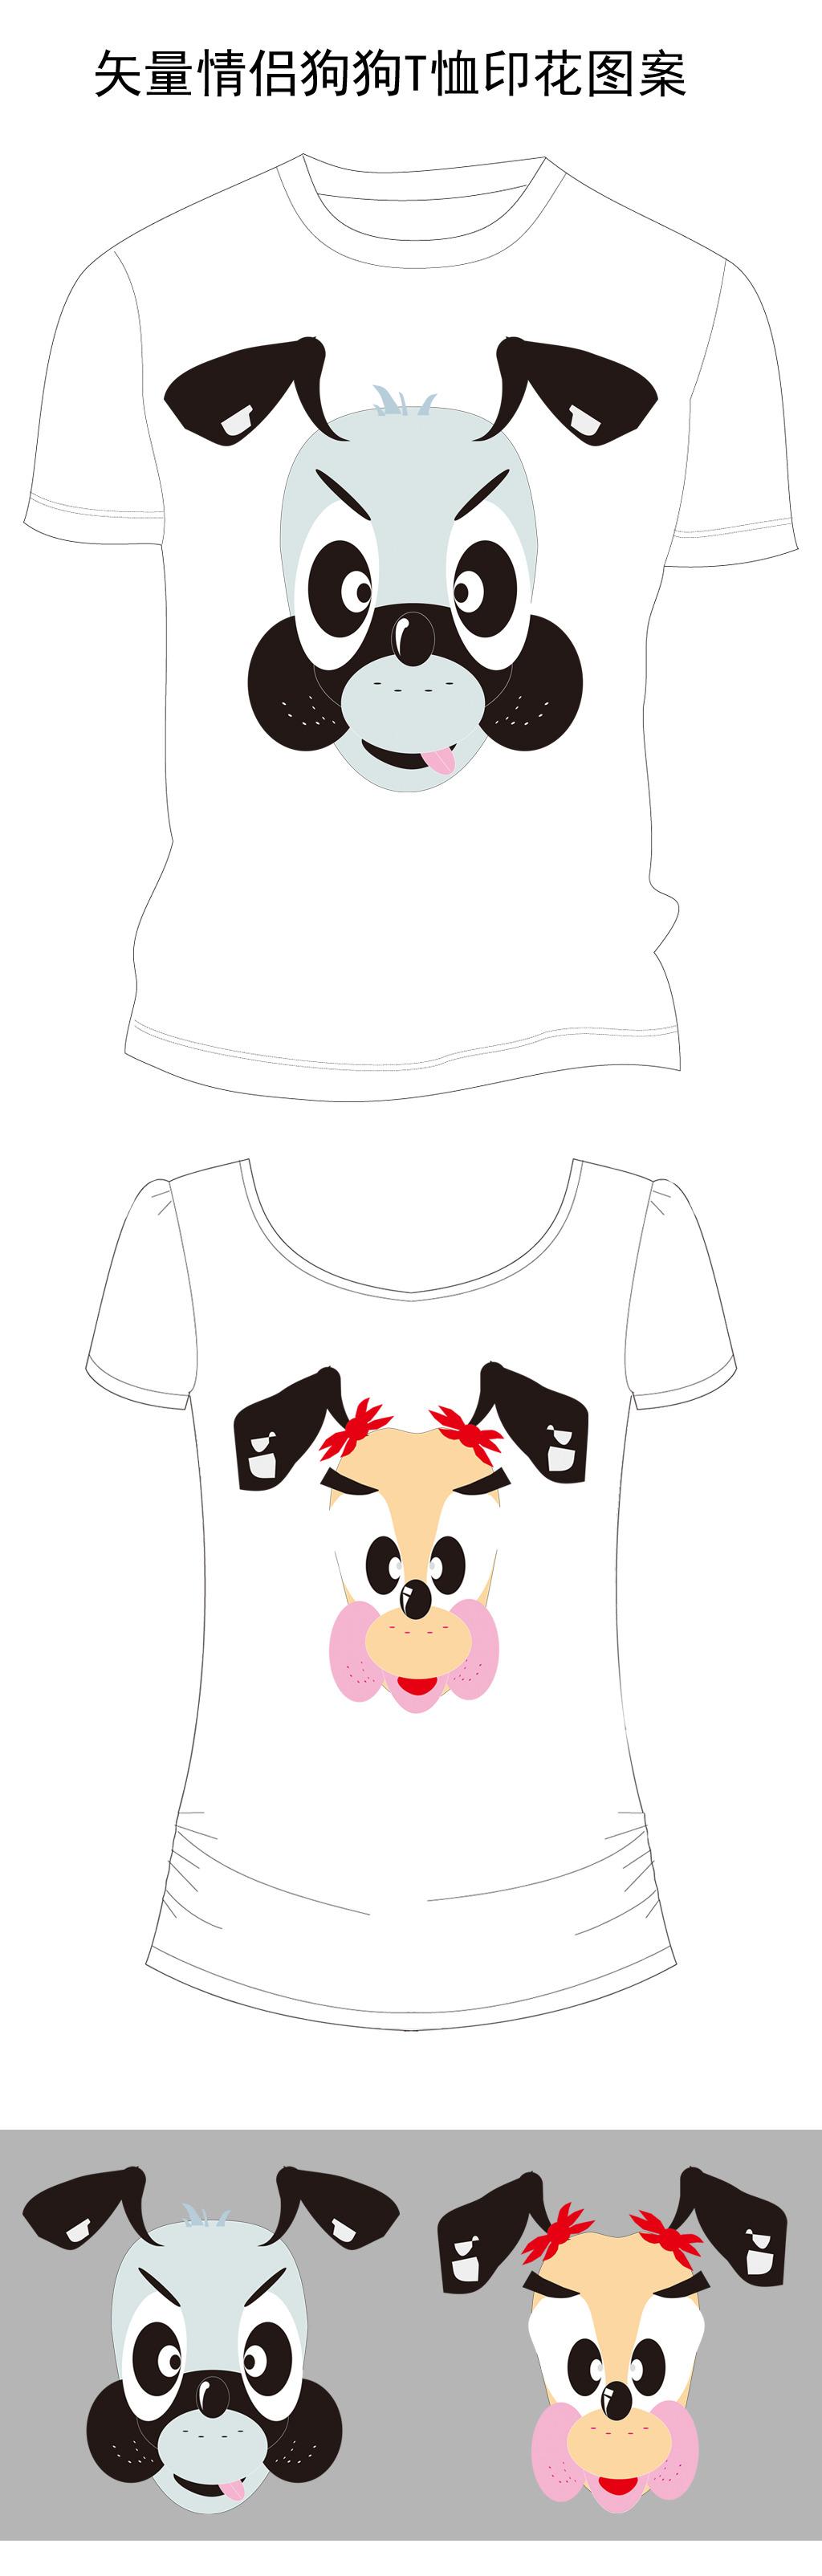 可爱卡通狗狗情侣t恤图案图片下载 t恤 创意 情侣t恤图案 t恤设计 t恤